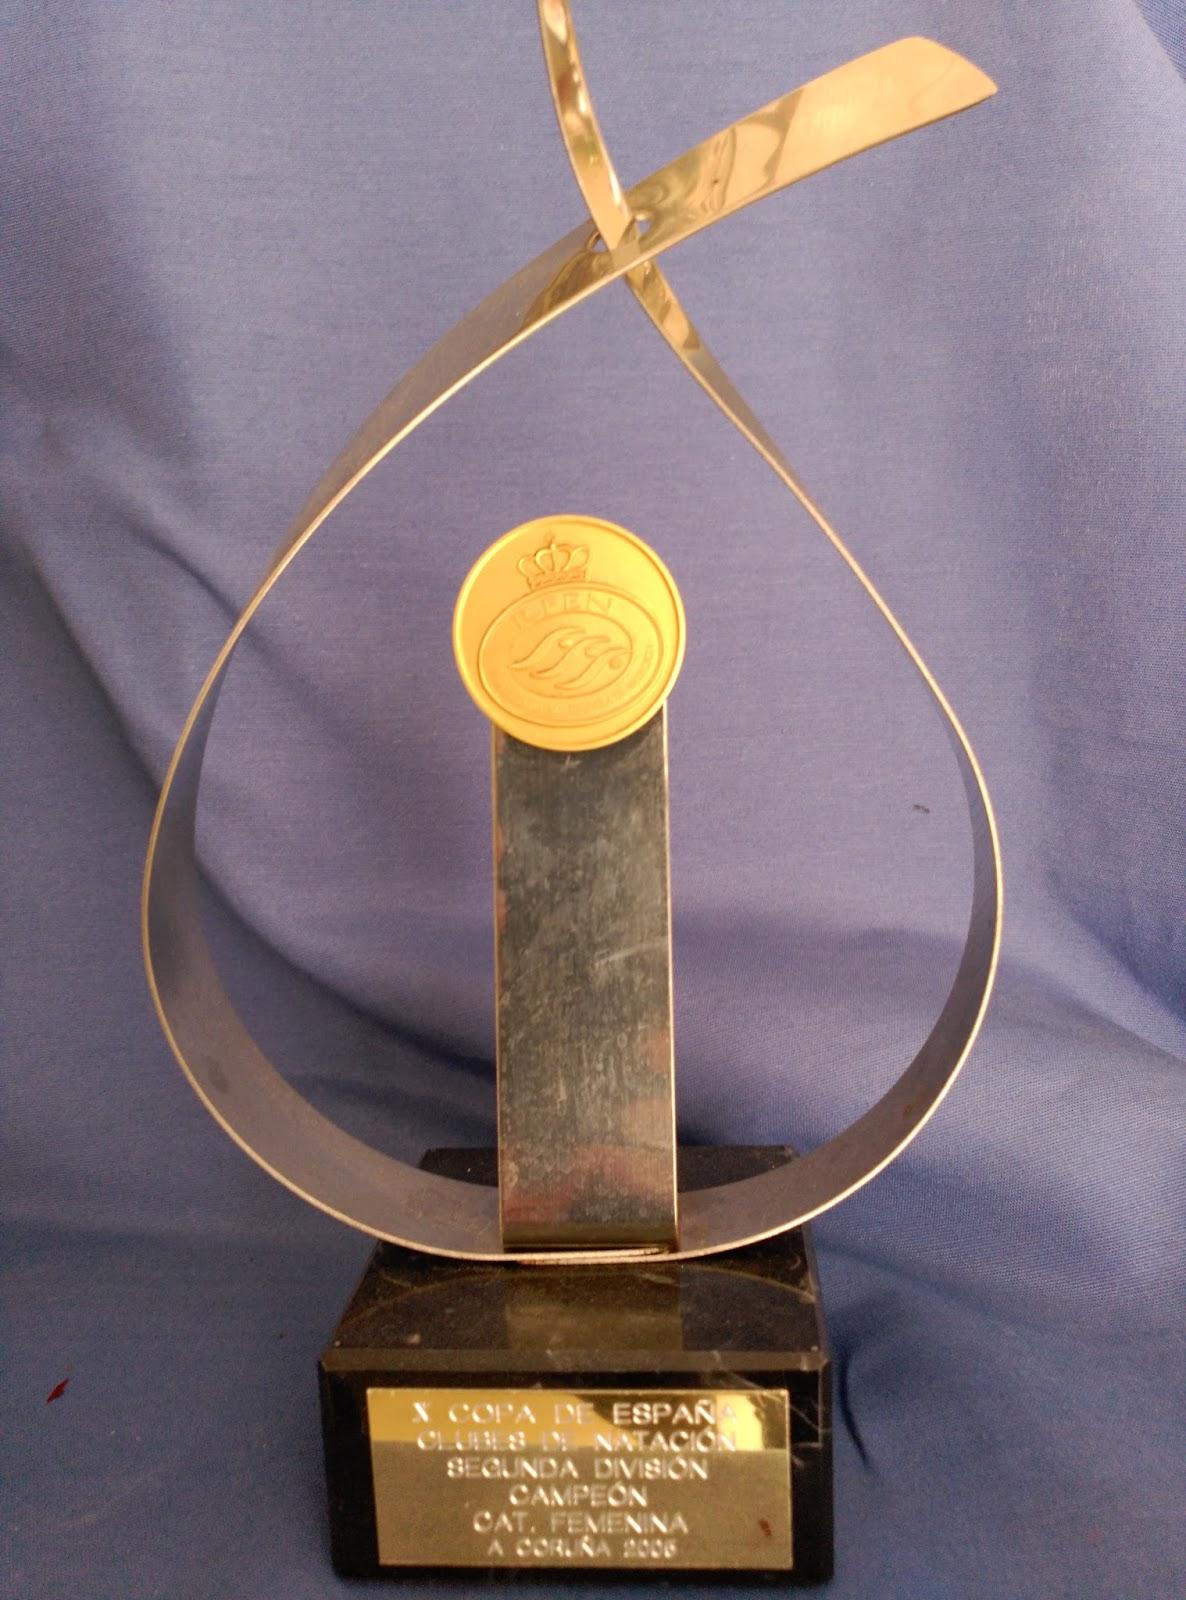 Club nataci n ciudad de oviedo coleccion de trofeos en la for Oficina correos oviedo